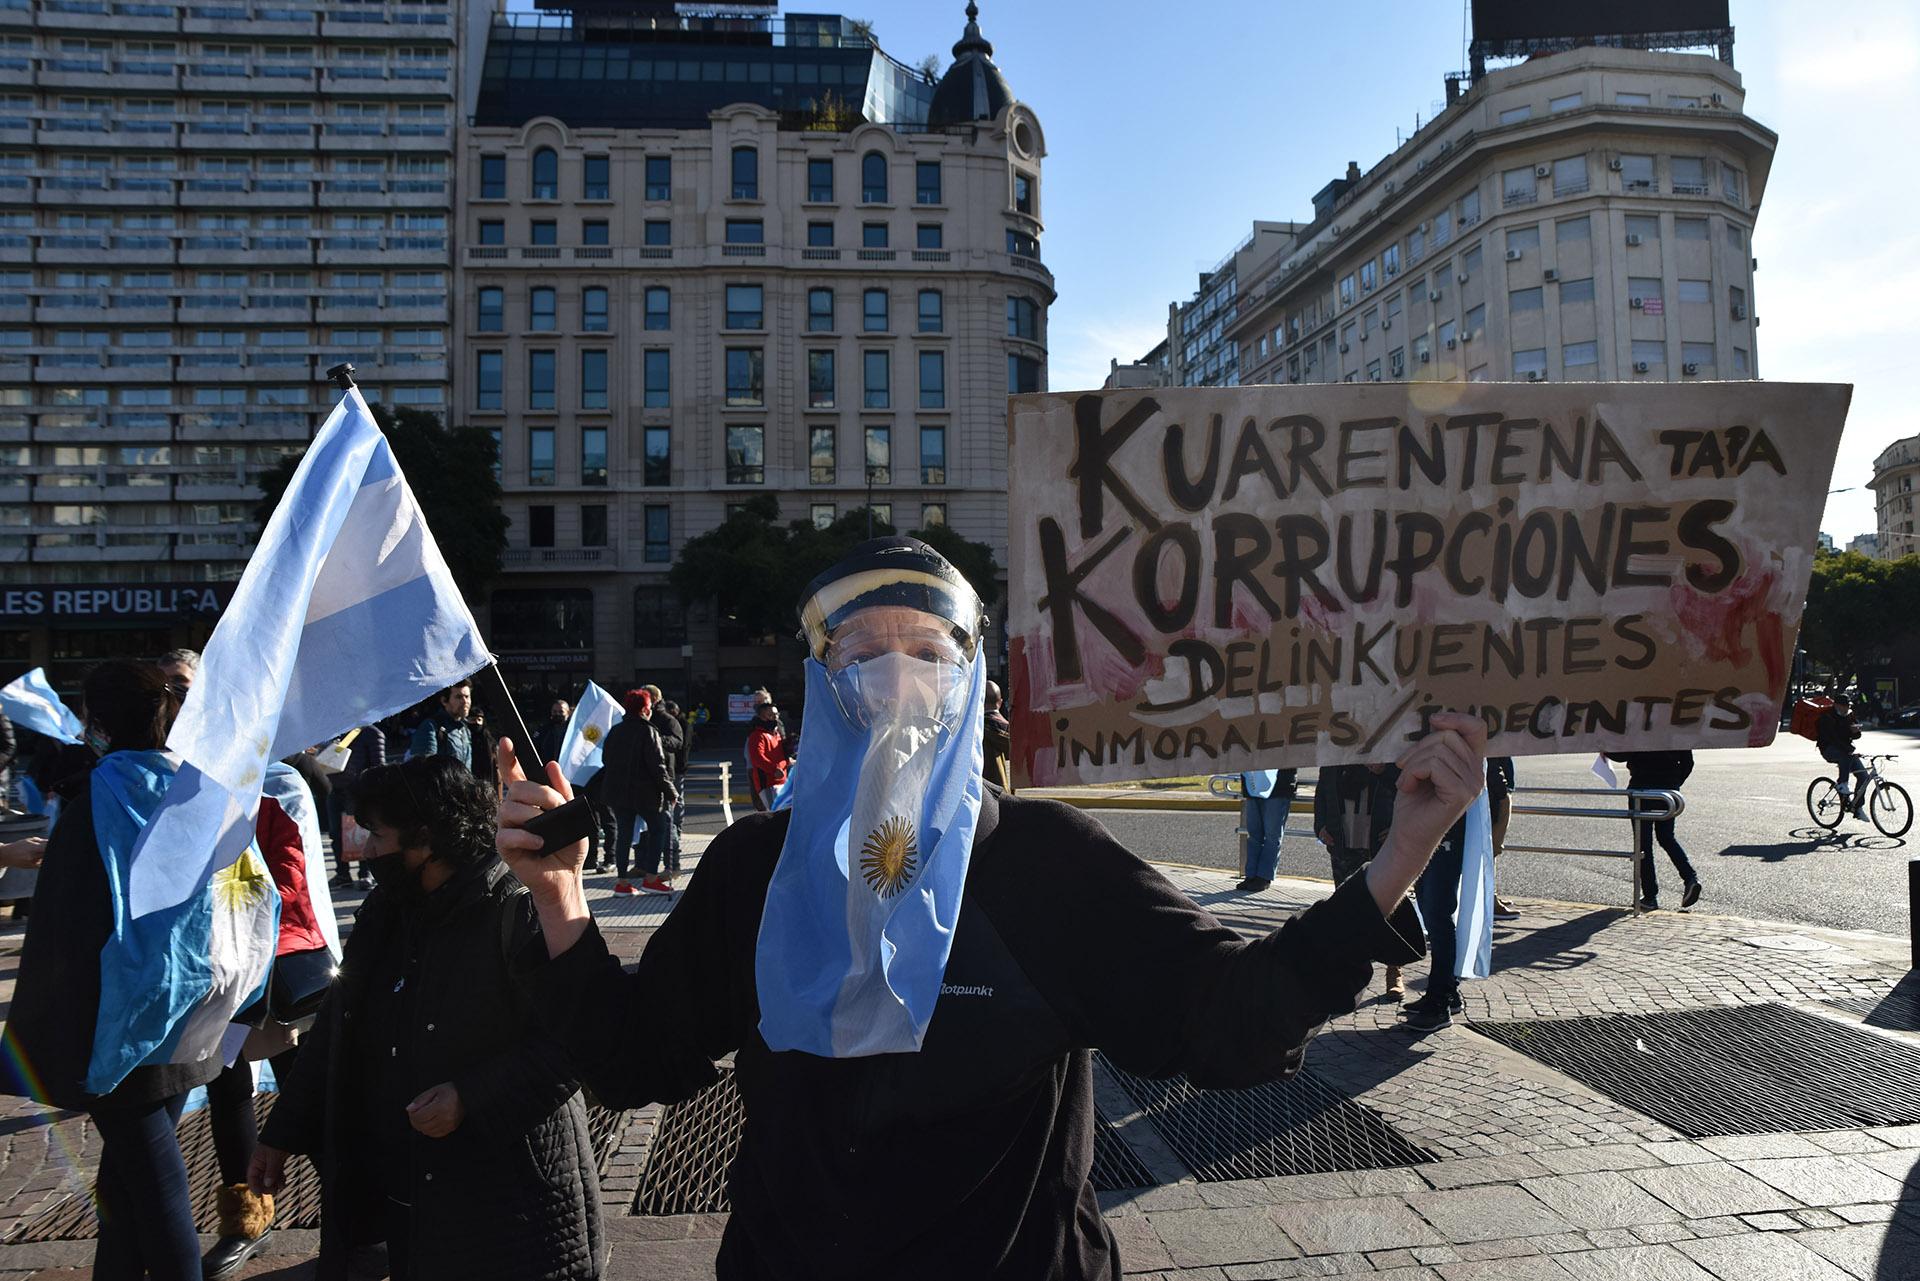 Muchos de los ciudadanos que salieron a manifestarse mostraron su posición política en las pancartas